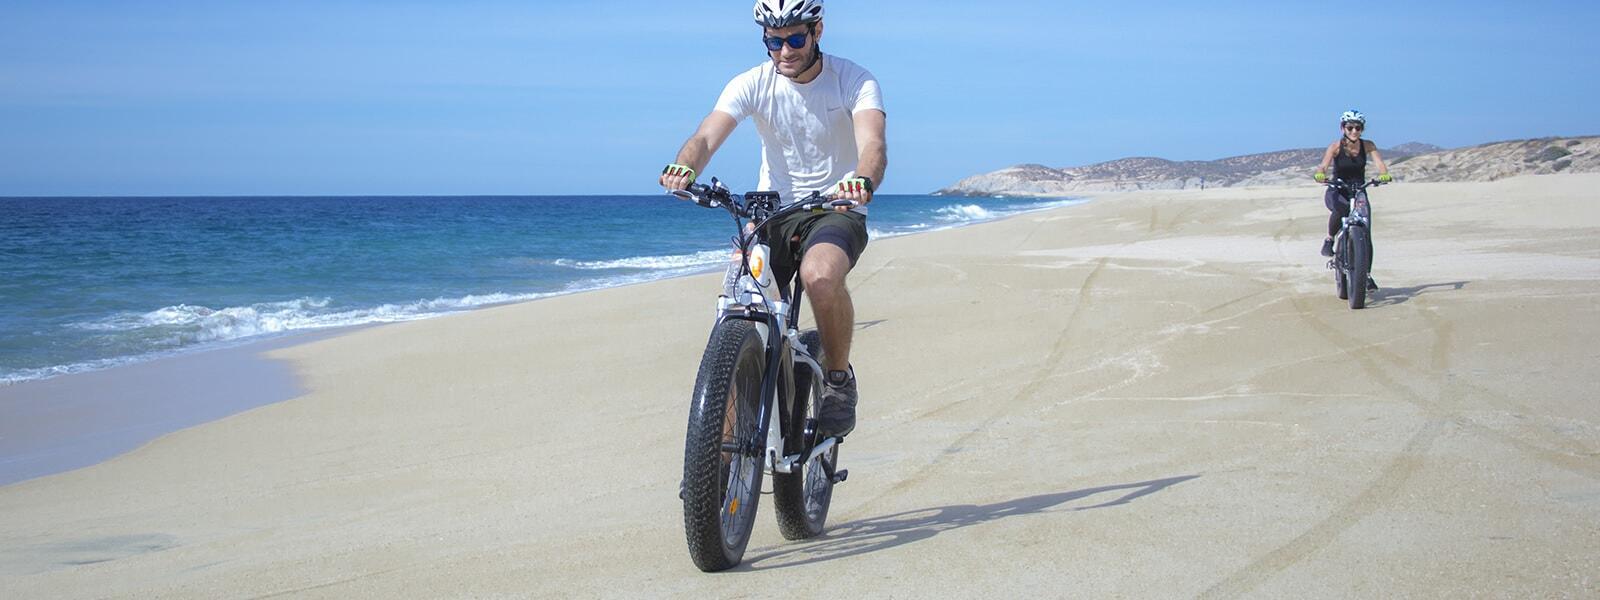 electric-bike-beach-adventure-fun